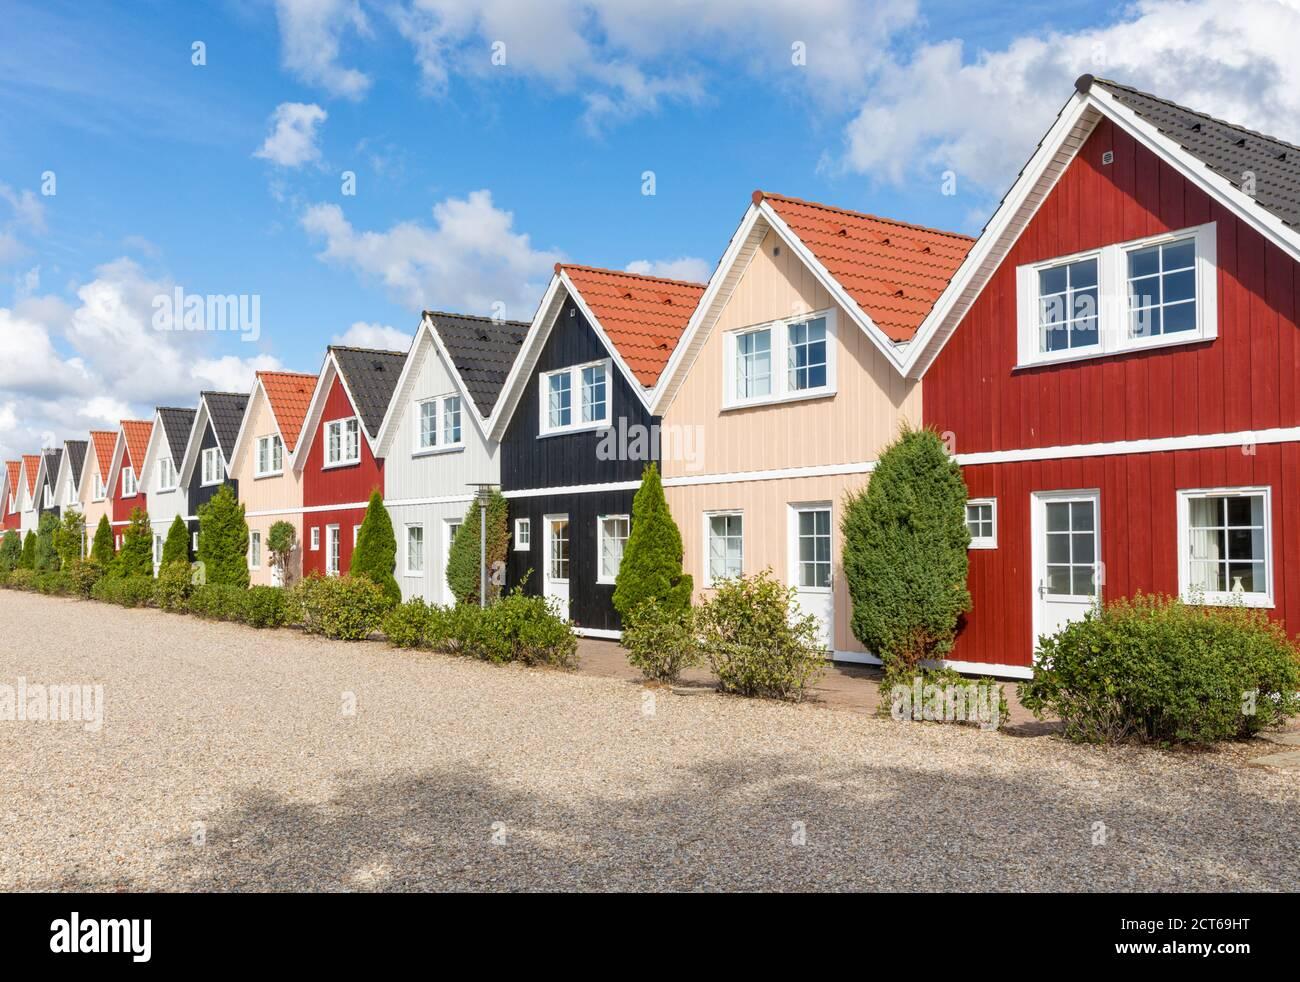 Fila de casas de vacaciones de madera casi idénticas en Dinamarca Foto de stock